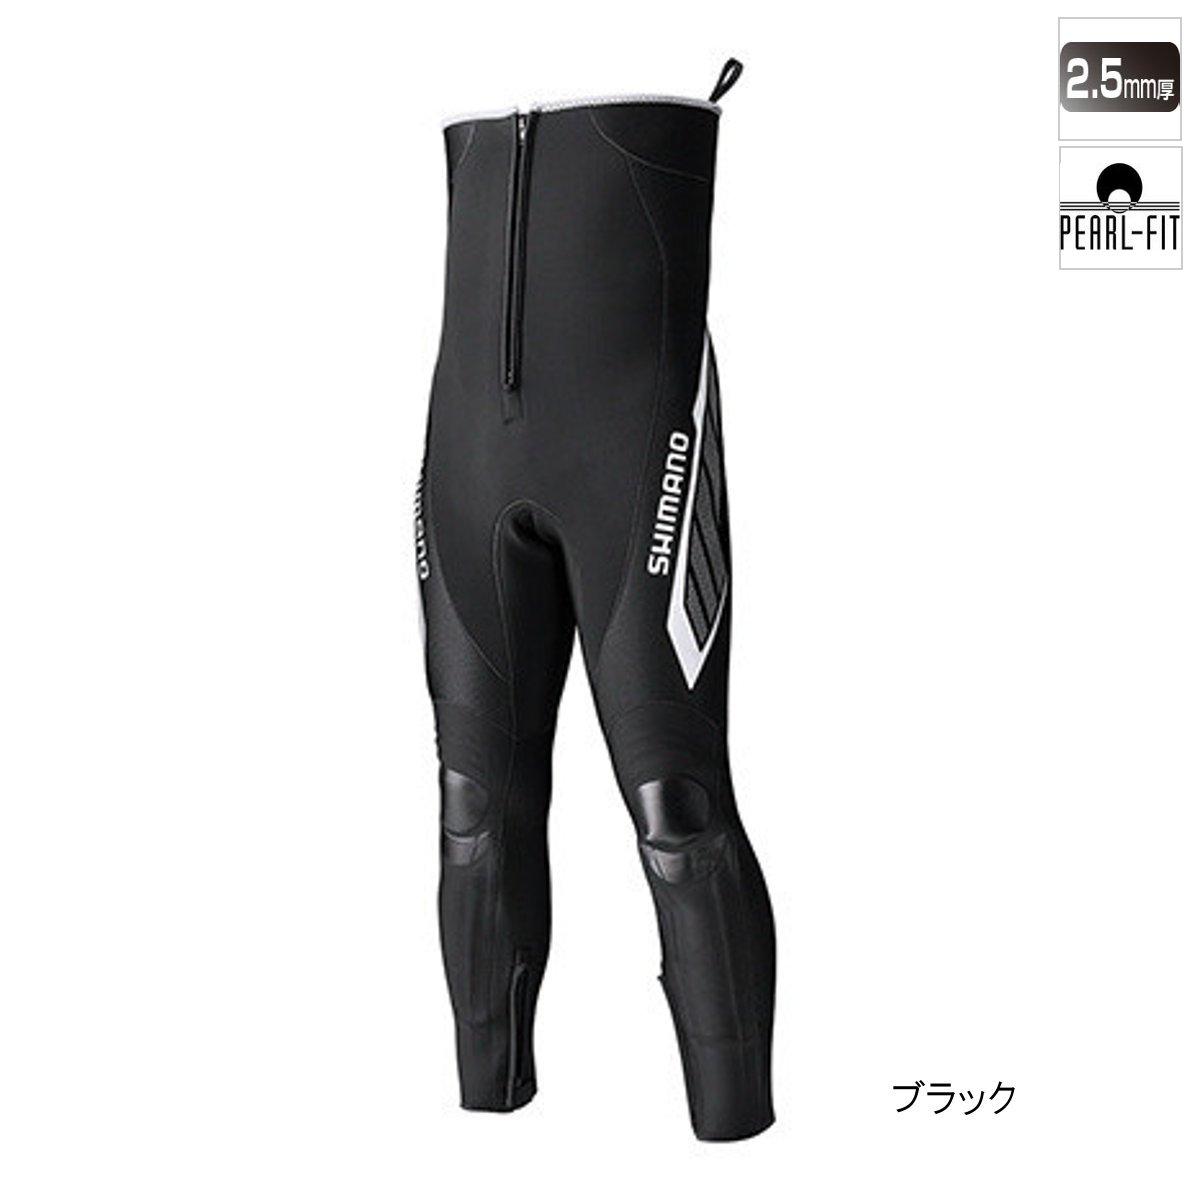 シマノ ブラックパールフィット・鮎タイツ(ハイブリッドタイプ) TI-061R LB ブラック【送料無料】